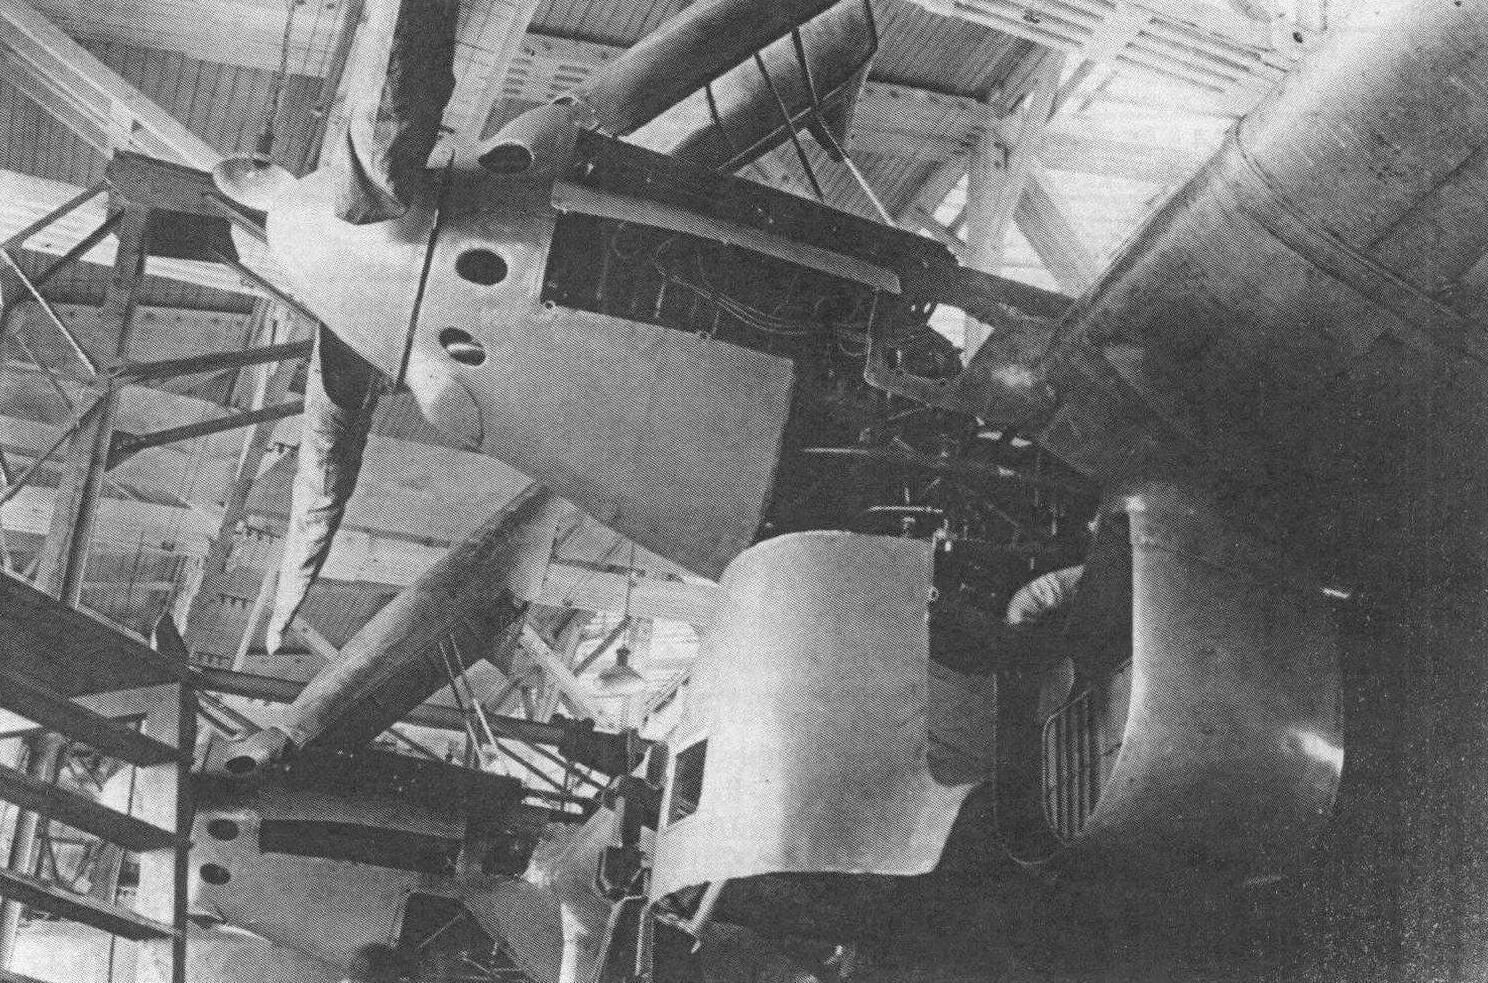 Левая крайняя мотоустановка опытного обратна ДБА с двигателем М-34РНА и двухлопастными винтами